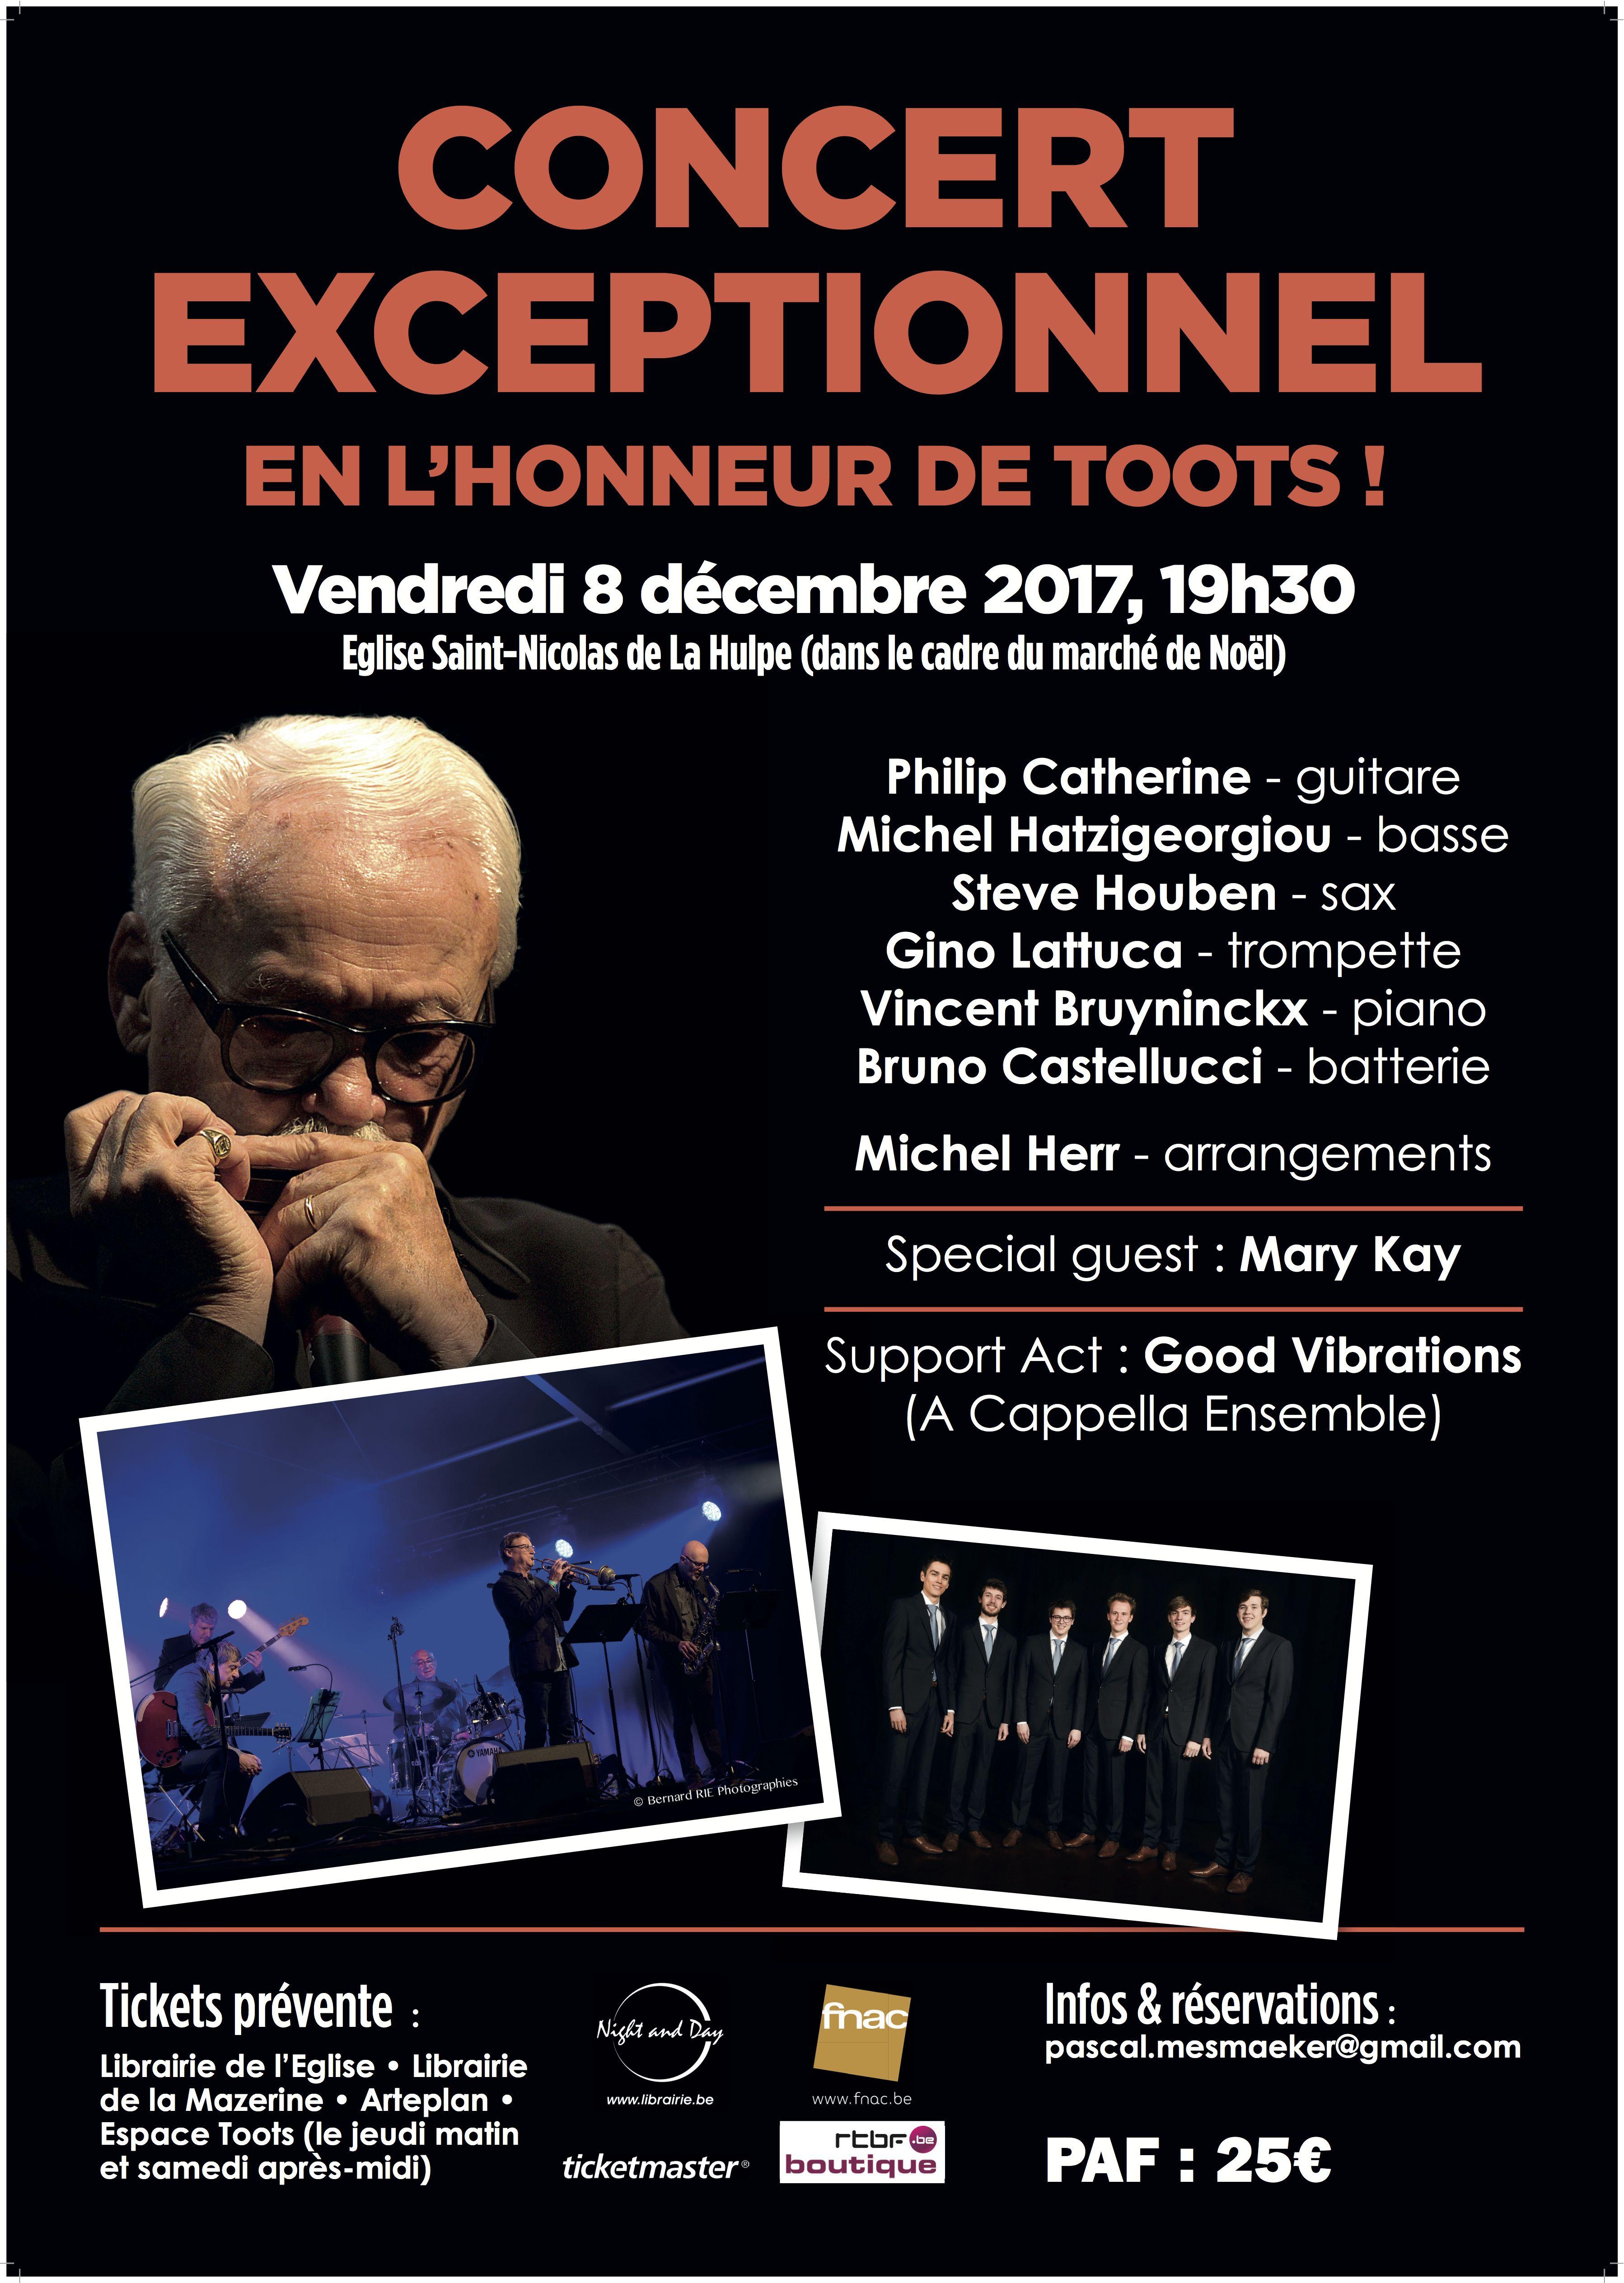 L'équipe du Toots Jazz Festival organise un concert exceptionnel en l'honneur de Toots